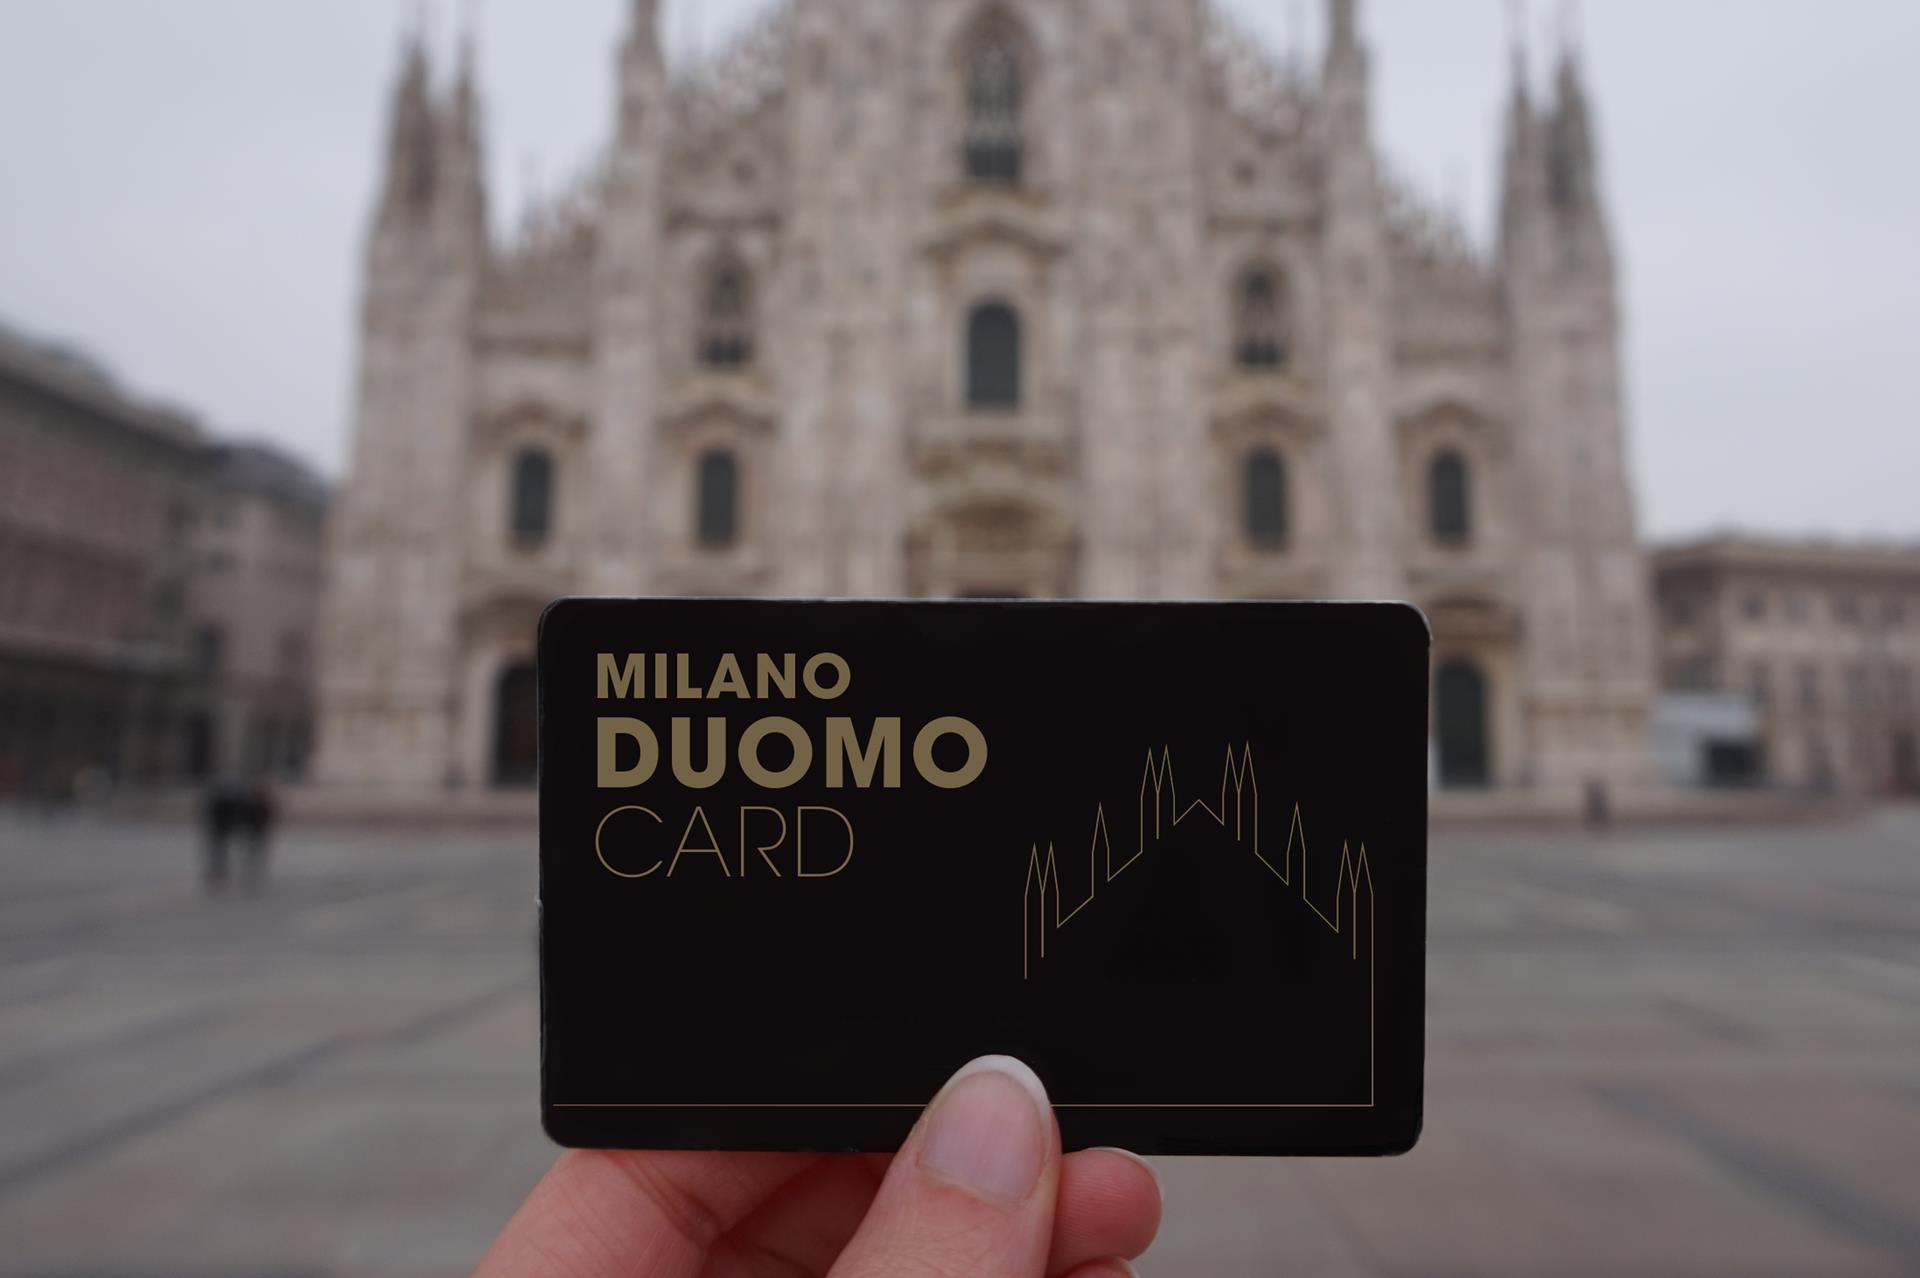 Il Duomo di Milano lancia la sua card, con lo scopo di sostenere il monumento